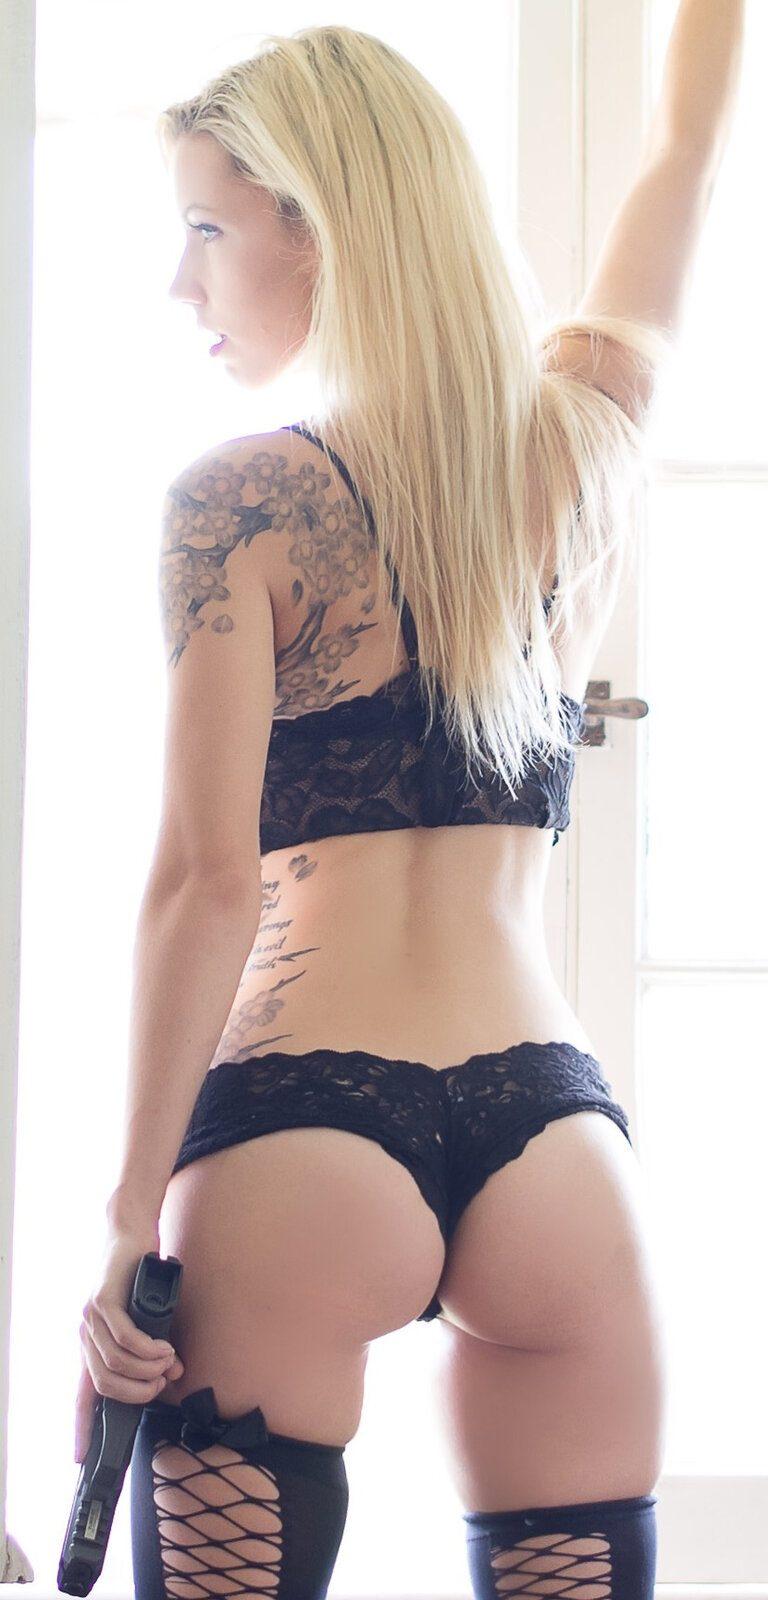 Xo_breanne_xo Nude 56